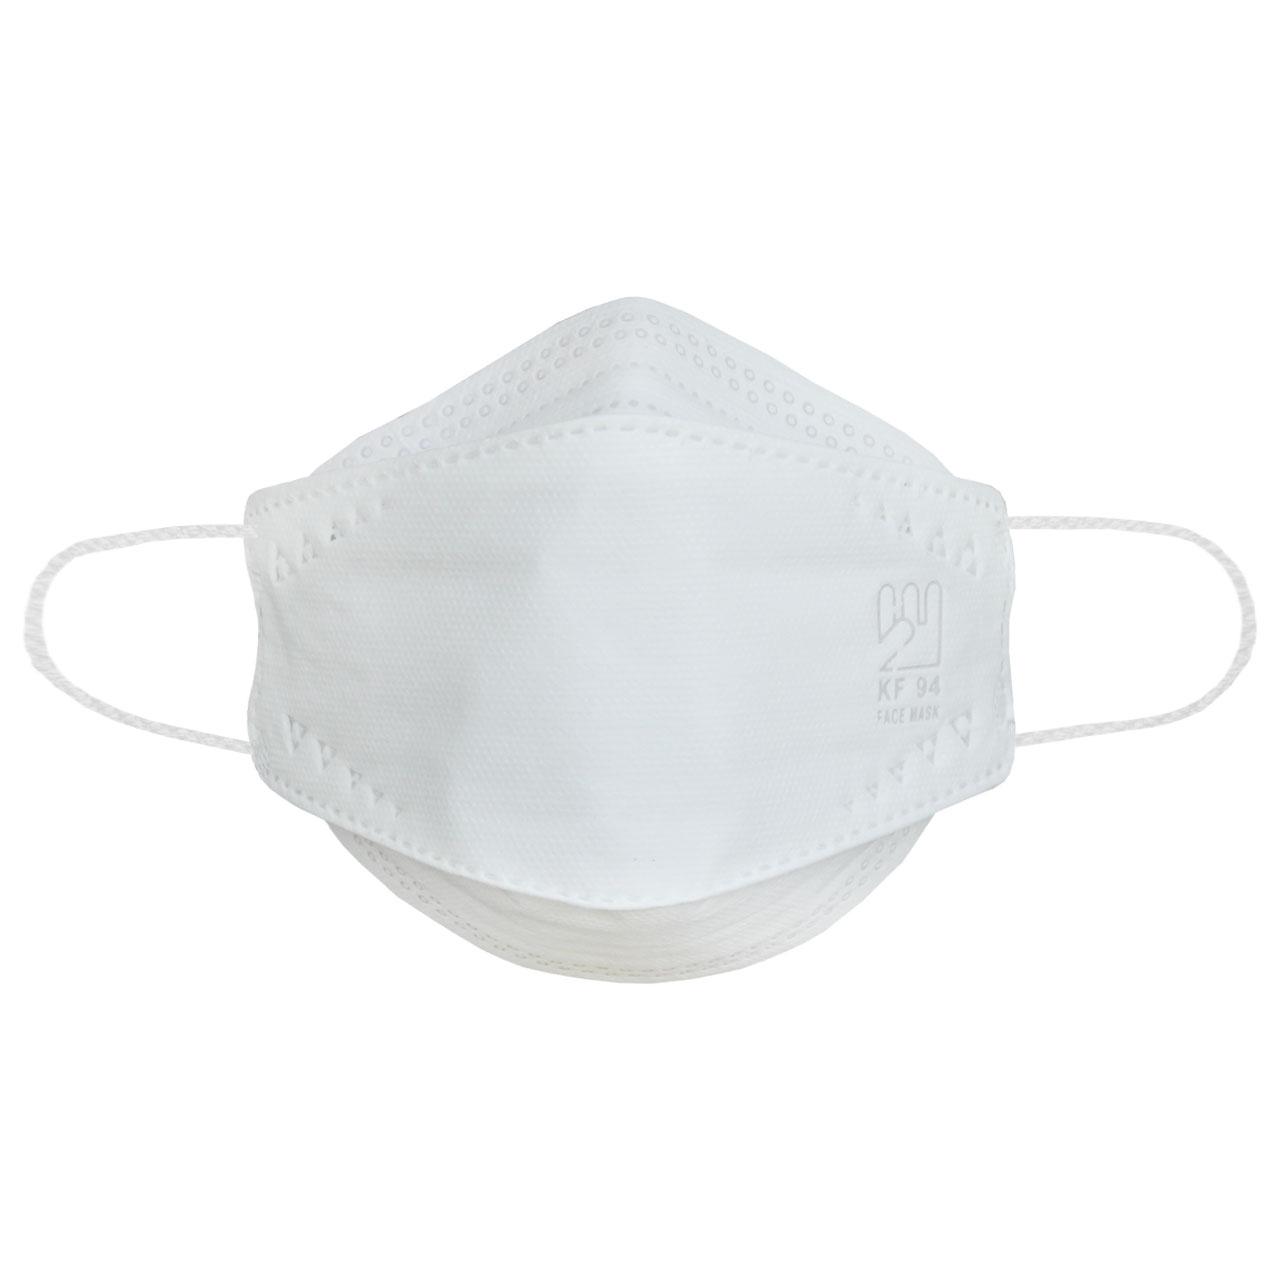 ماسک تنفسی بهسا مدل سه بعدی BSA-25-Ww بسته 25 عددی